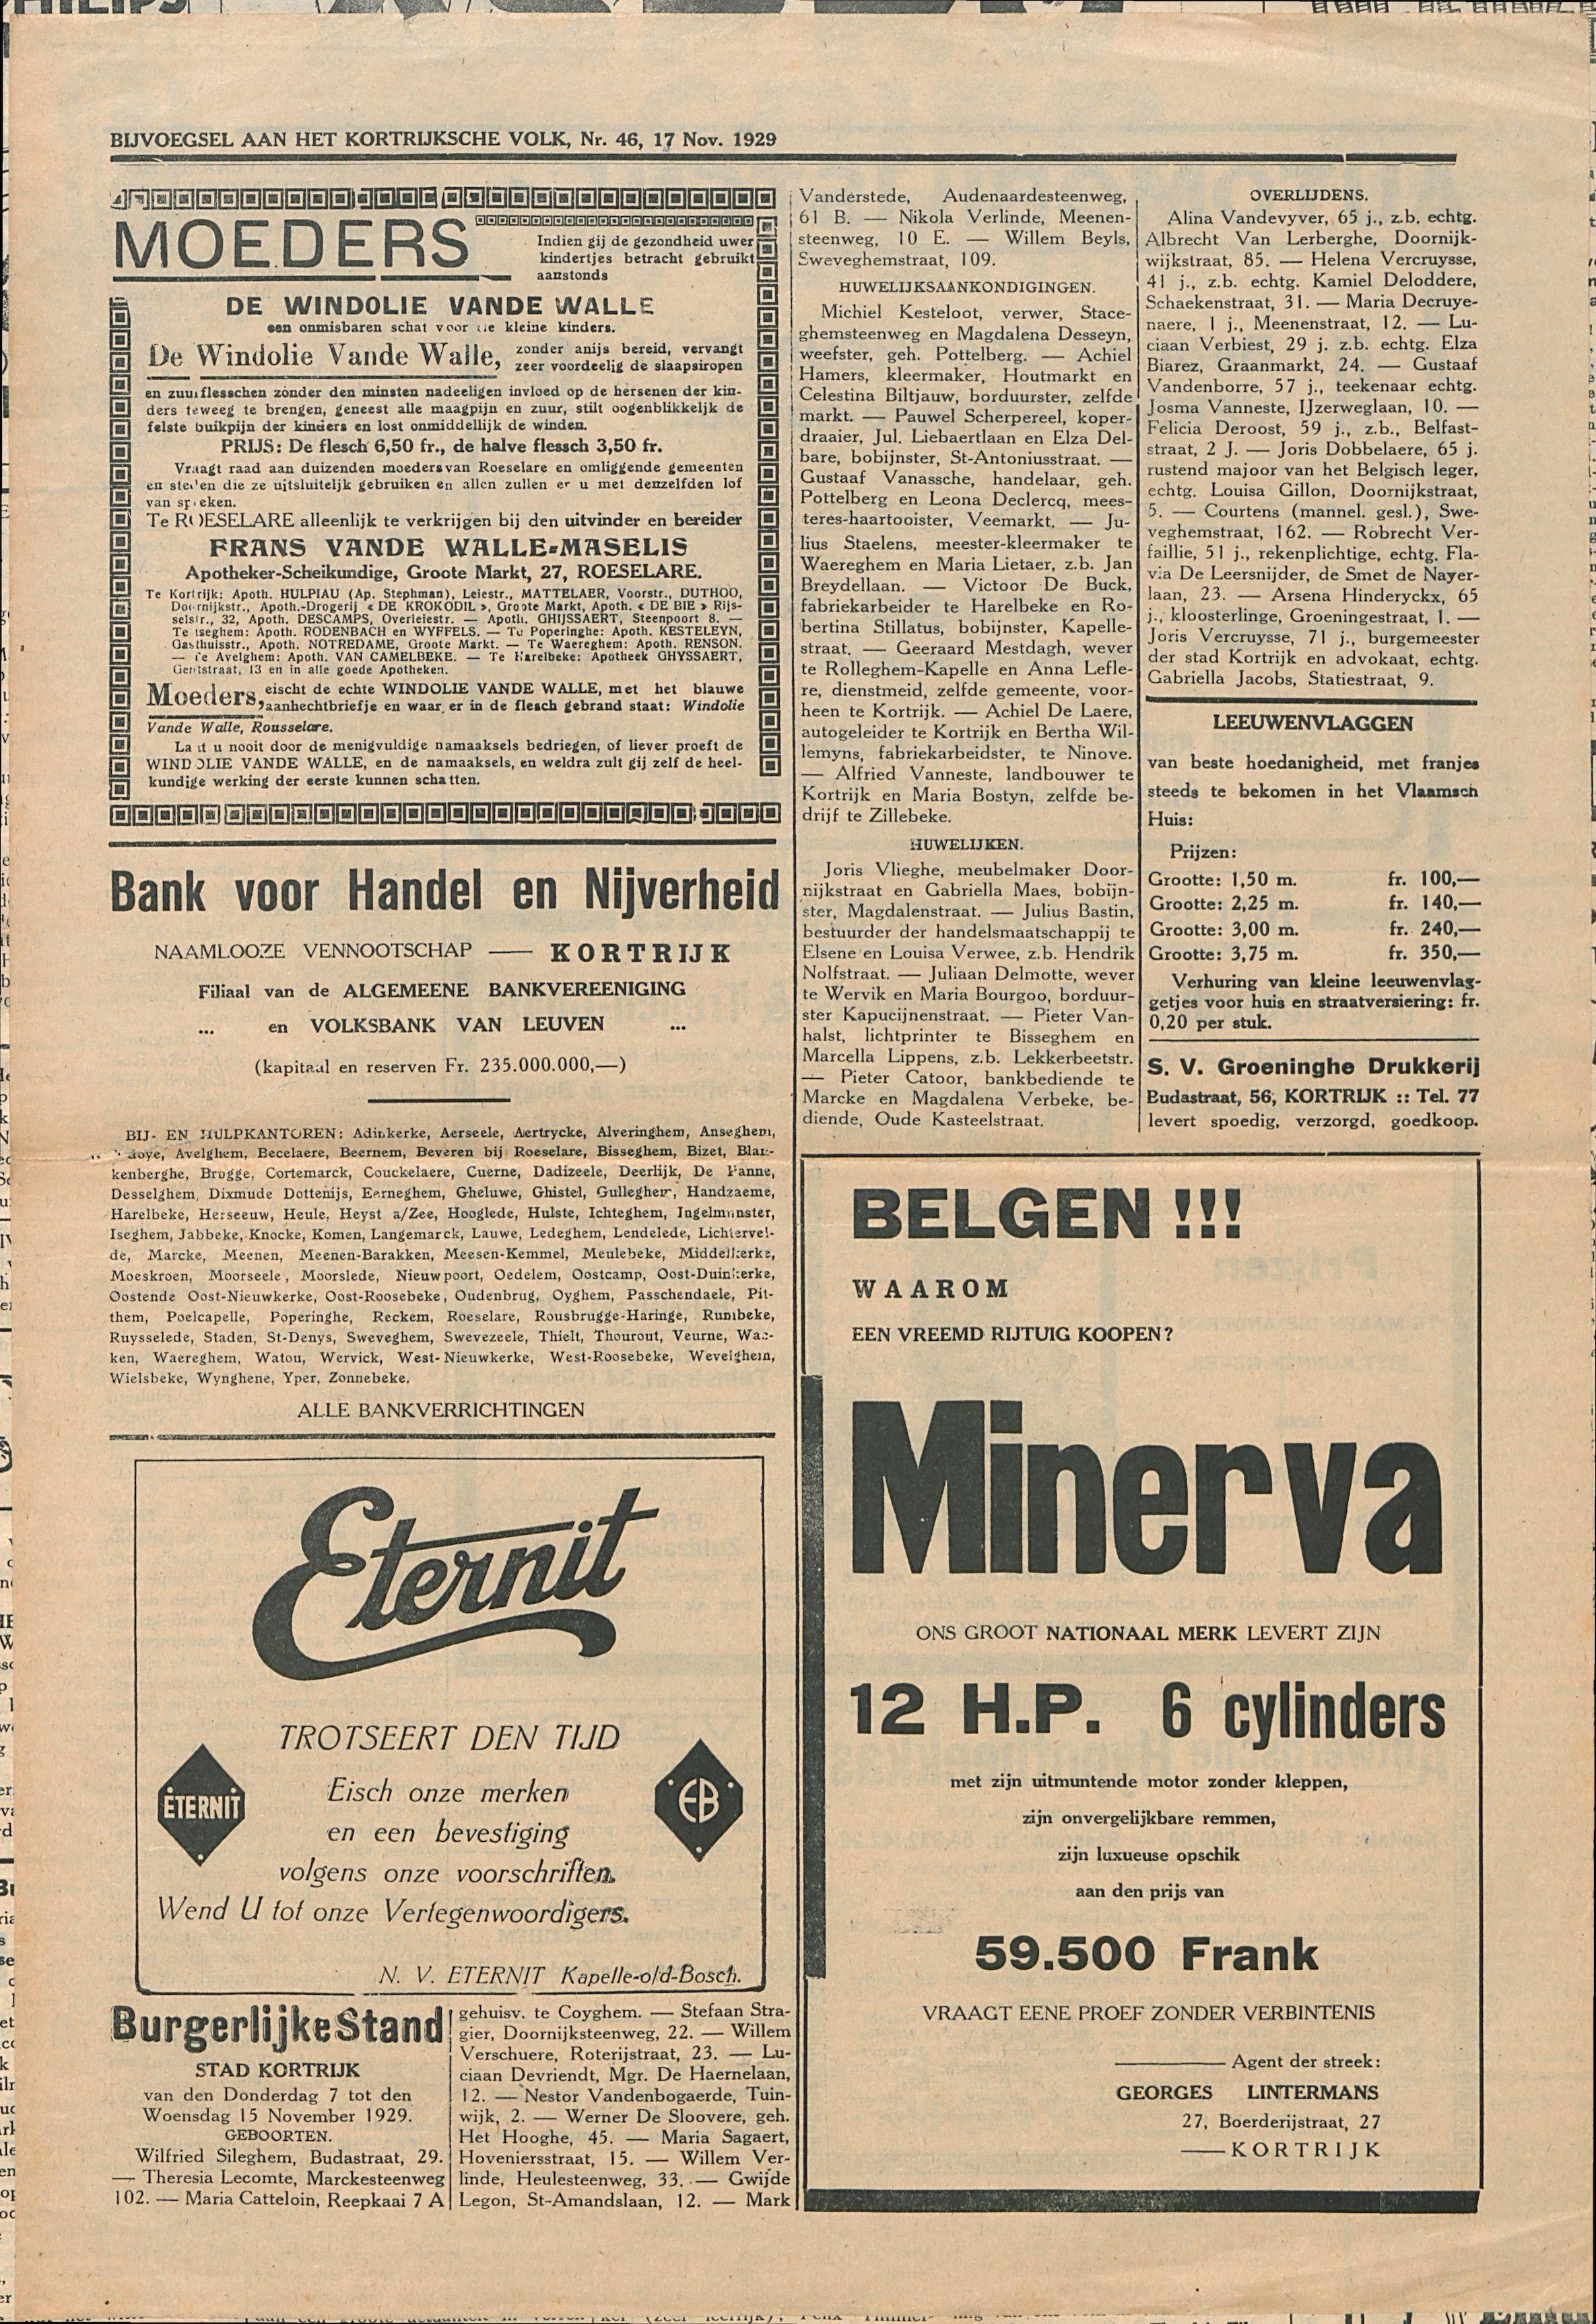 Het Kortrijksche Volk 1929-11-17 p4